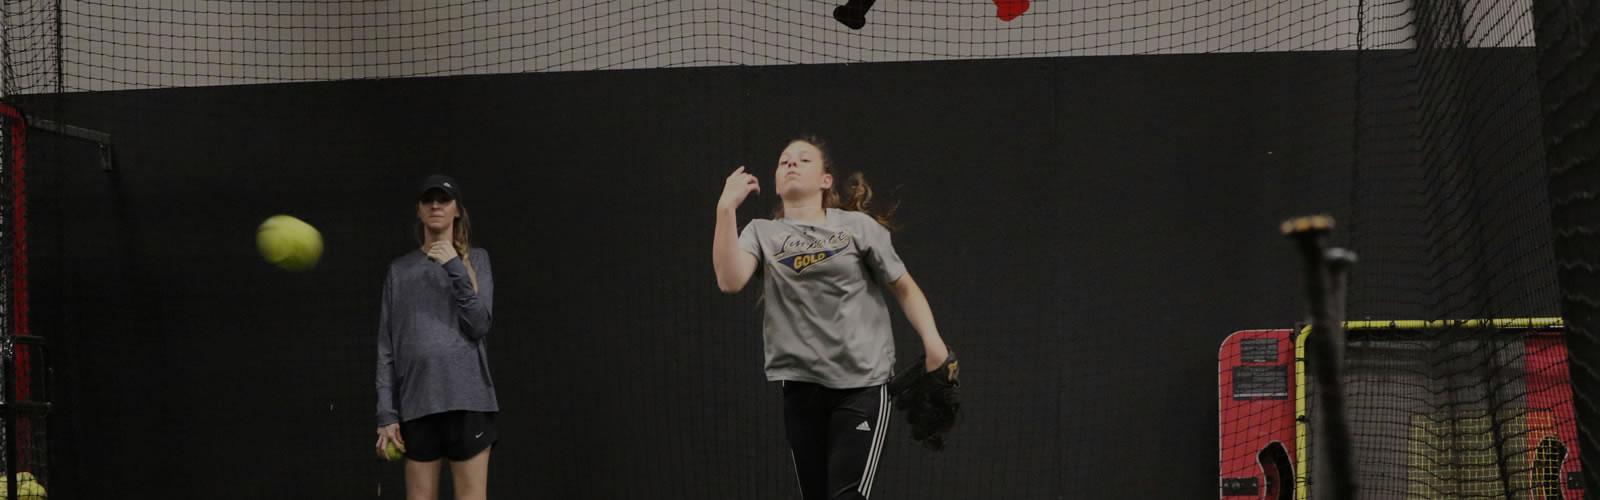 softball-page-banner-img